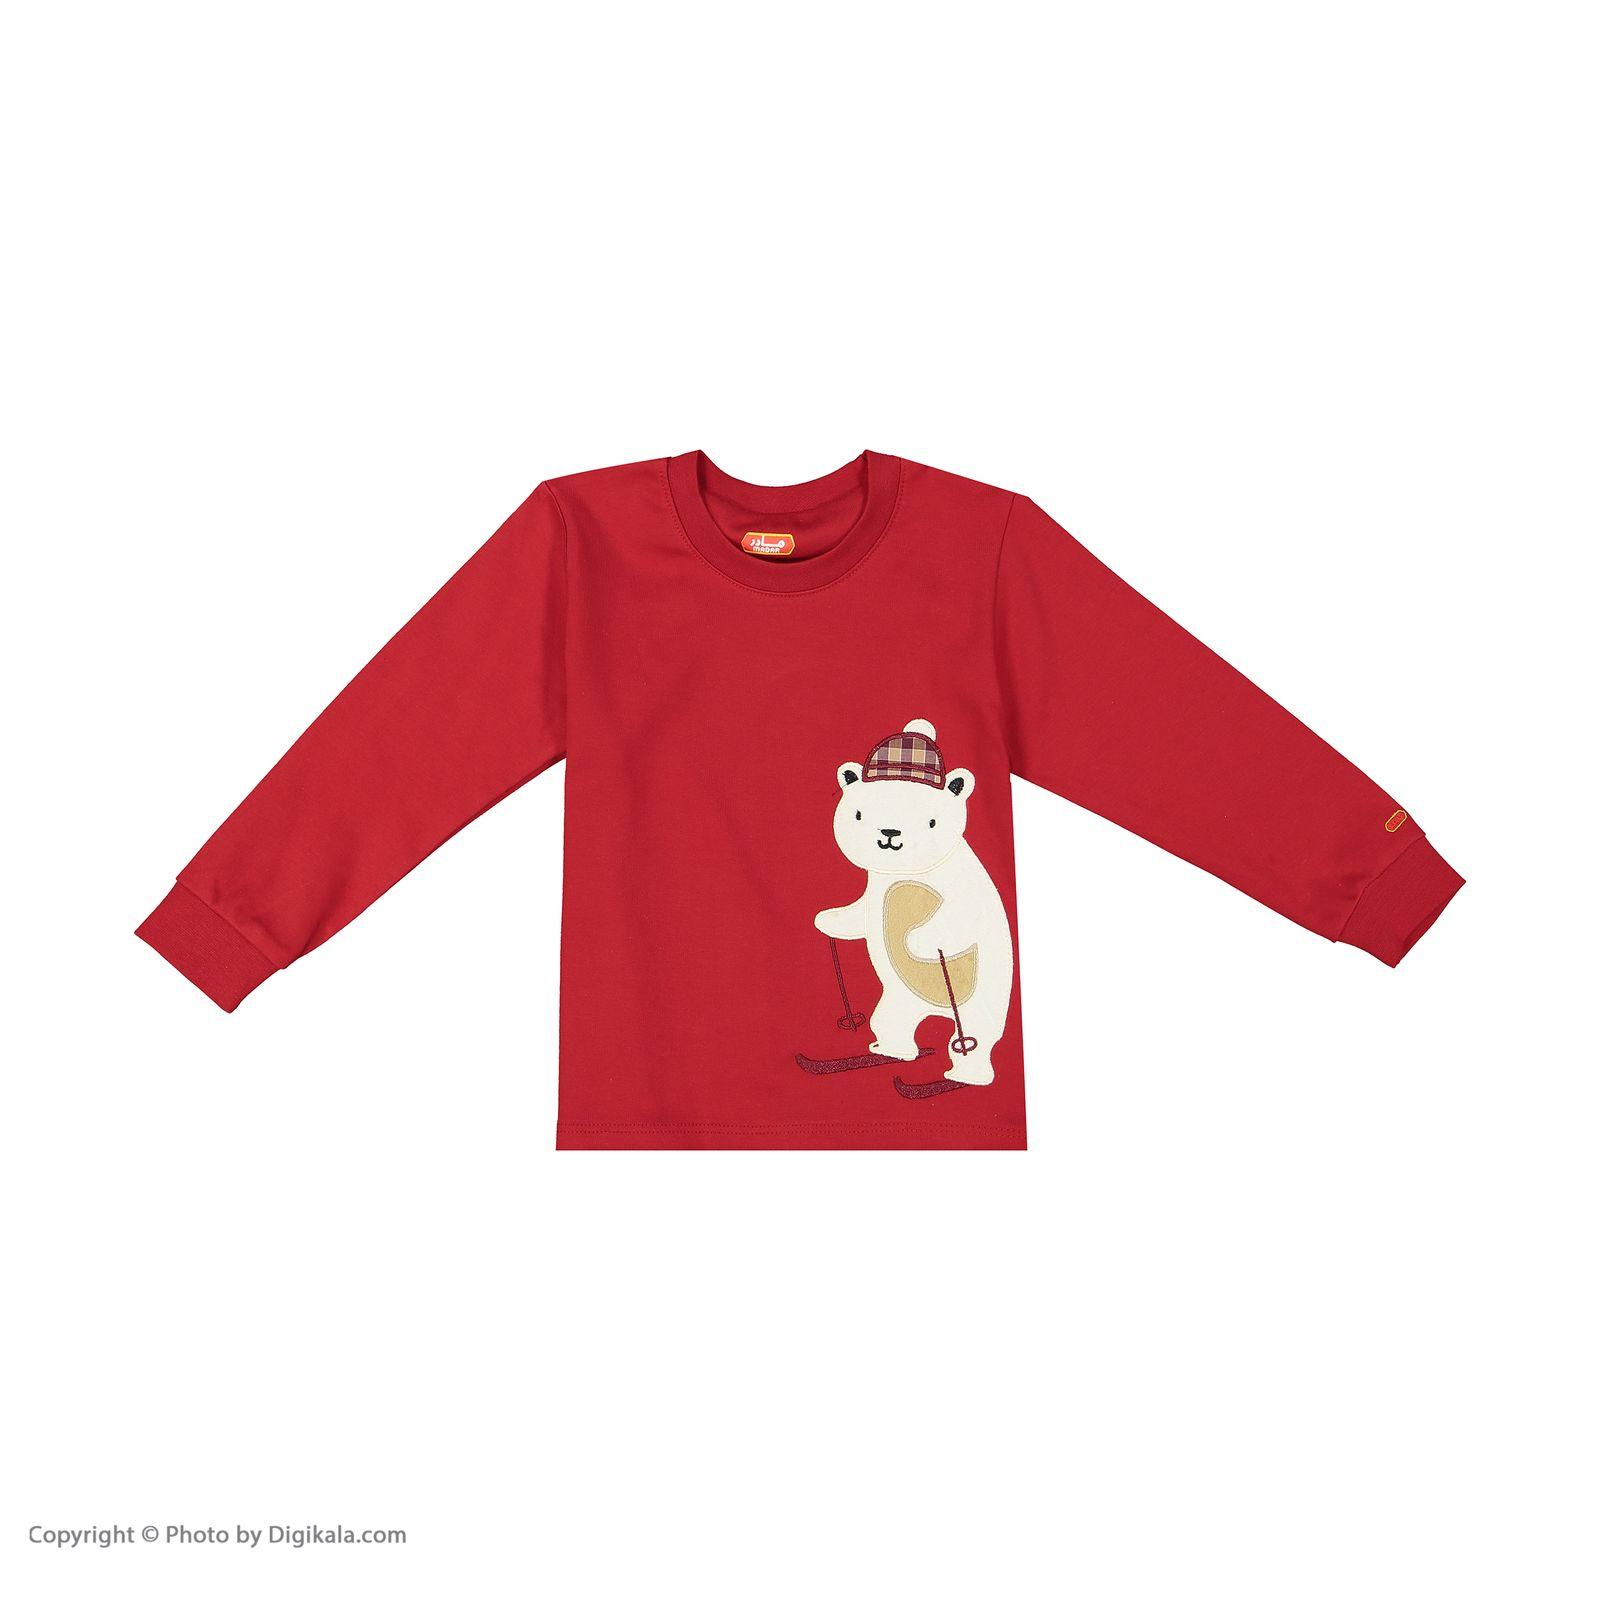 ست تی شرت و شلوار پسرانه مادر مدل 318-72 main 1 2